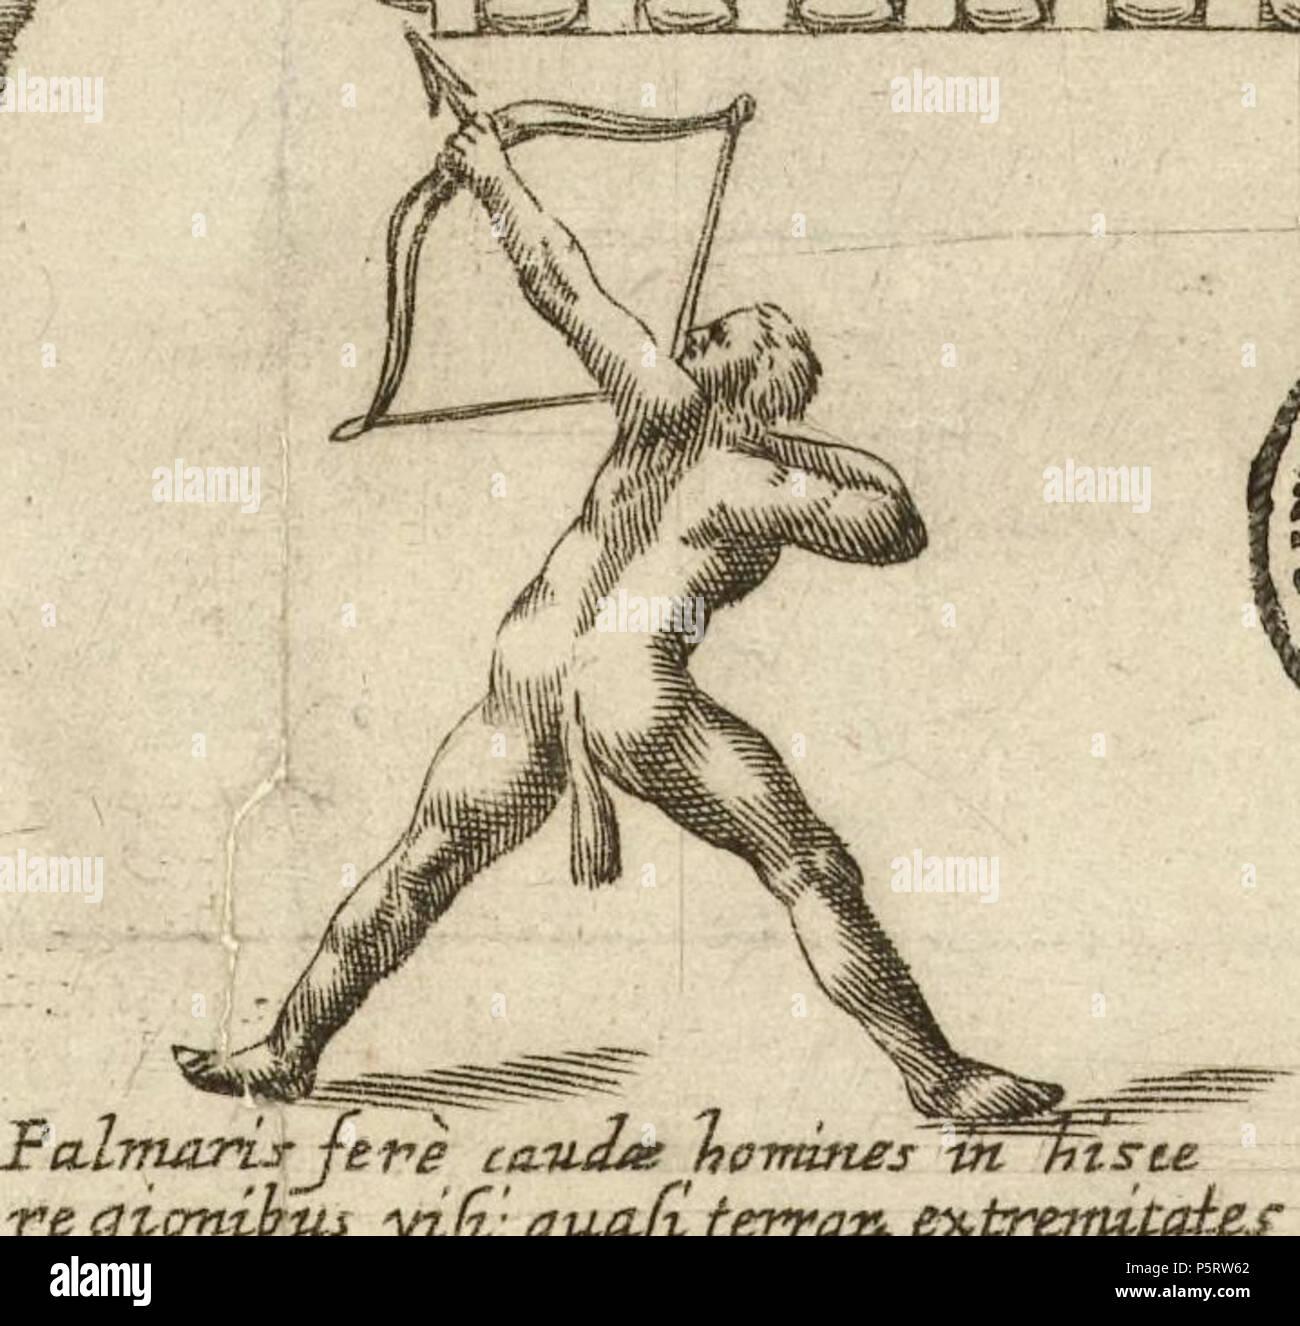 N/A. 'Caudati homines hic', hombres con cola que el mapa de Alonso de Ovalle ubica en las regiones magallánicas. 1646. Carrilano 283 Caudati homines ovalle - Stock Image